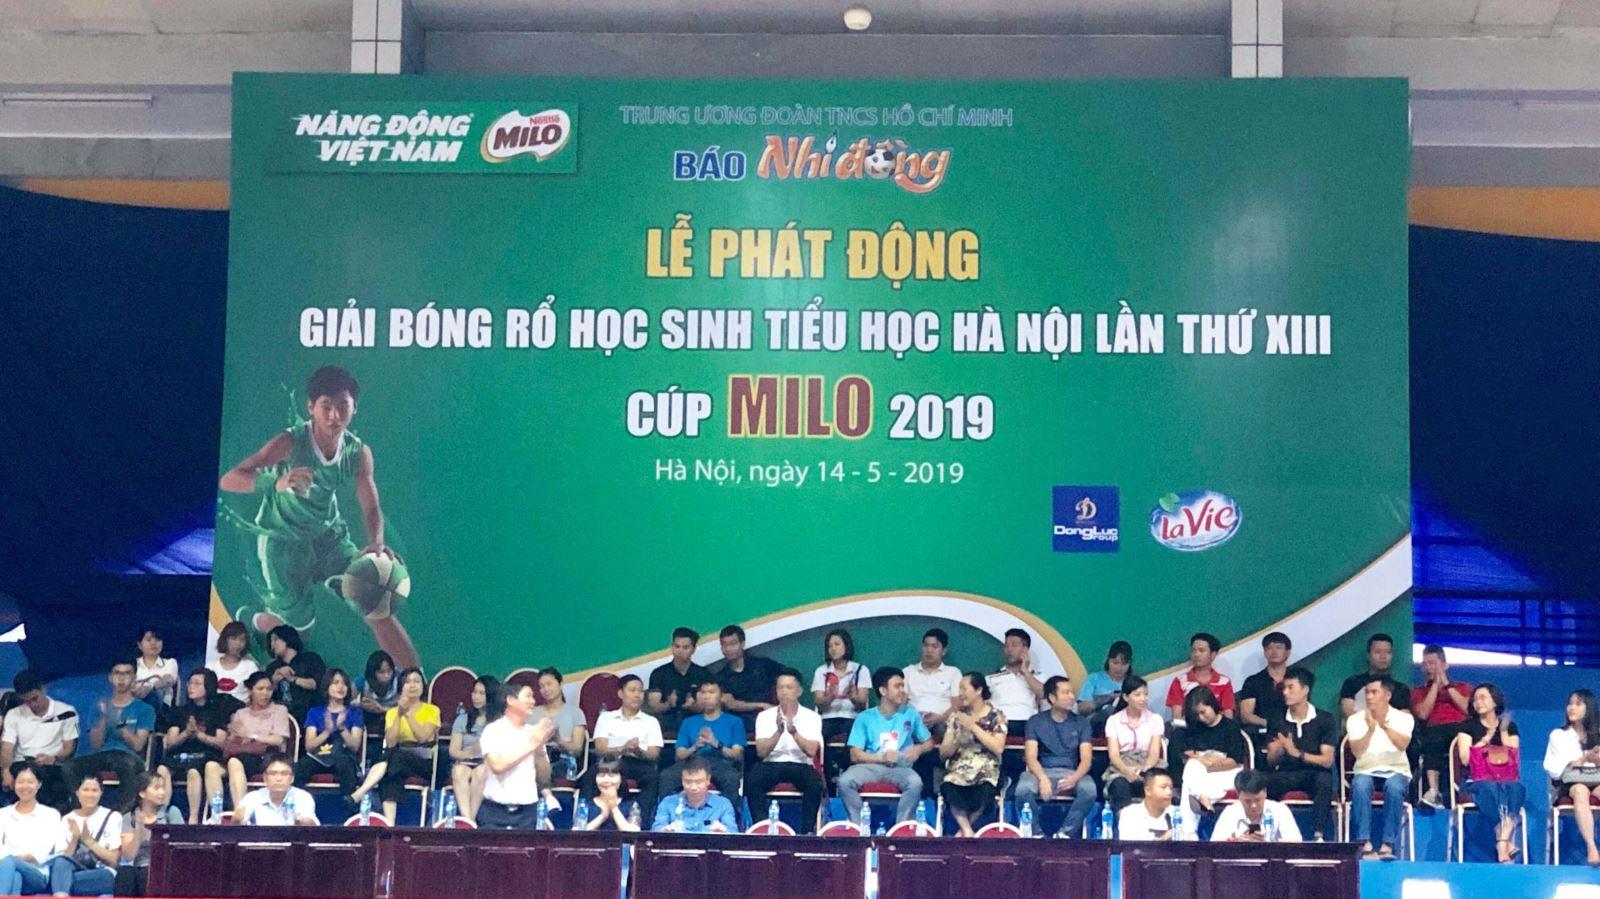 Phát động Giải Bóng rổ Học sinh tiểu học Hà Nội 2019